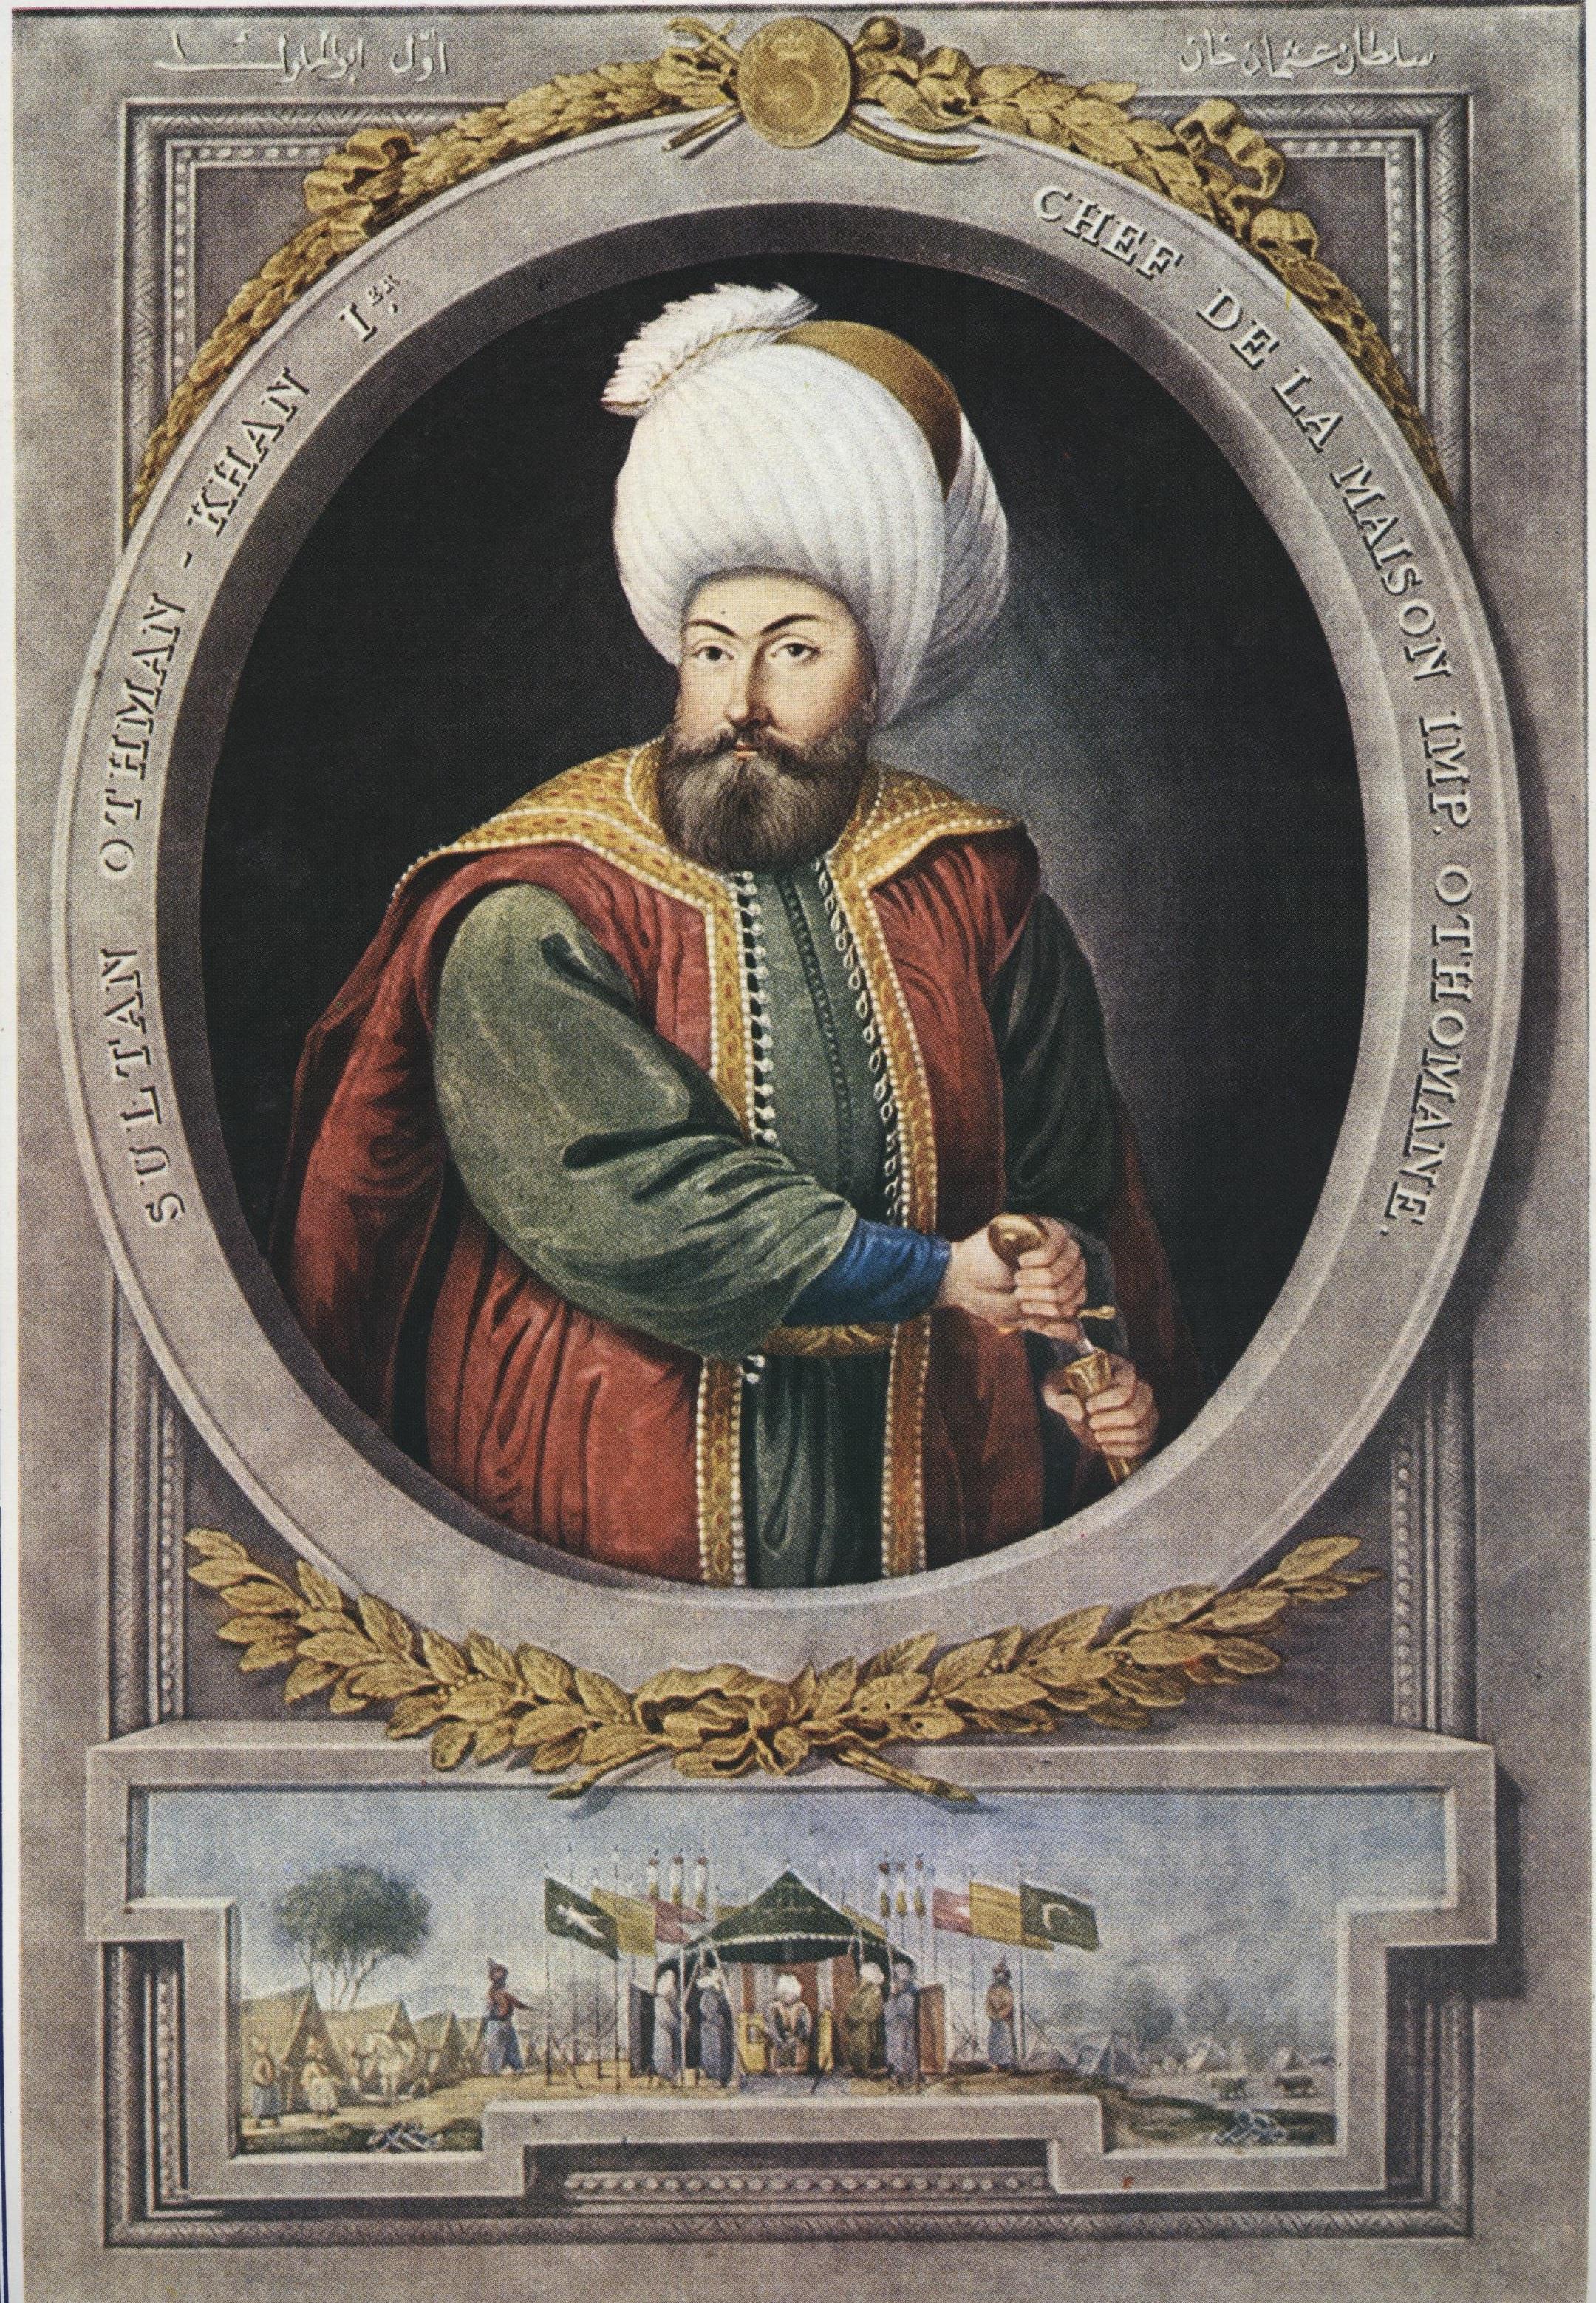 صورة بحث عن الدولة العثمانية 64f7f8acd6447ae38ffc19b4ef8d7901